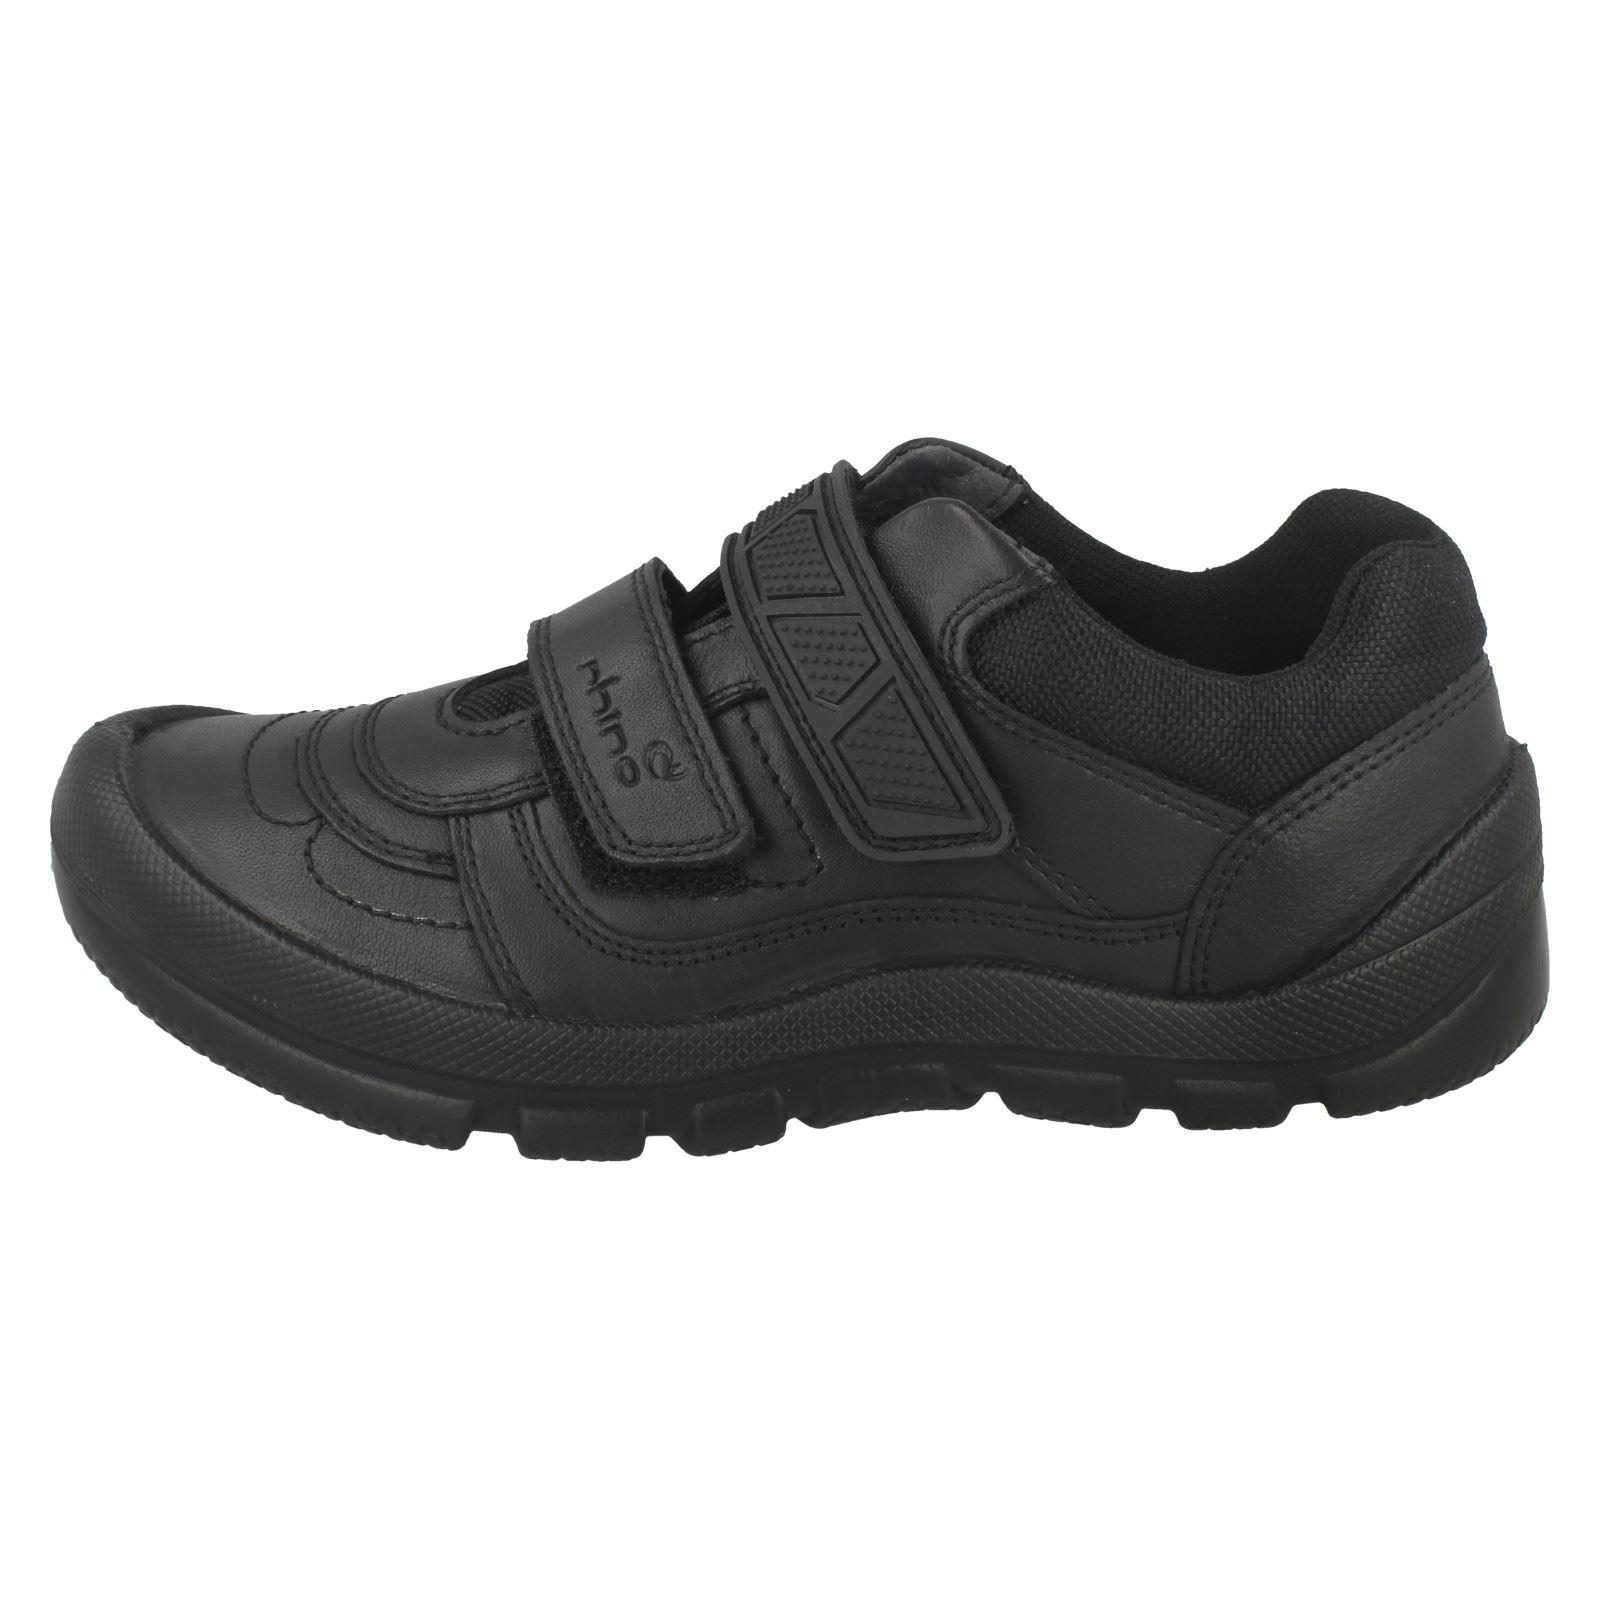 sneakers da donna per rhinoceros 4